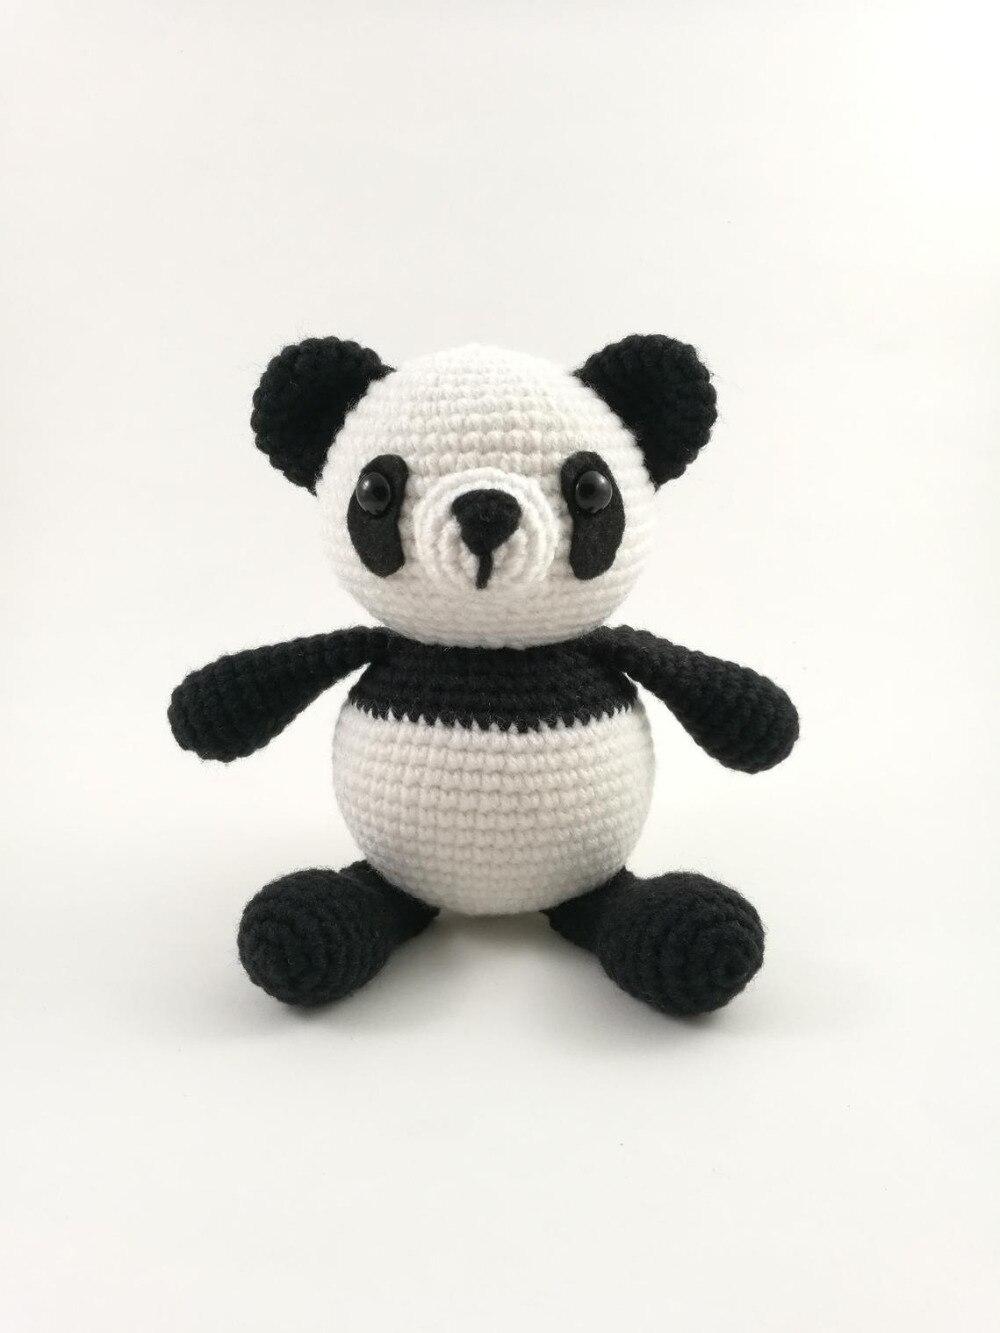 Crochet Toys  Amigurumi Panda Model Number KO0032